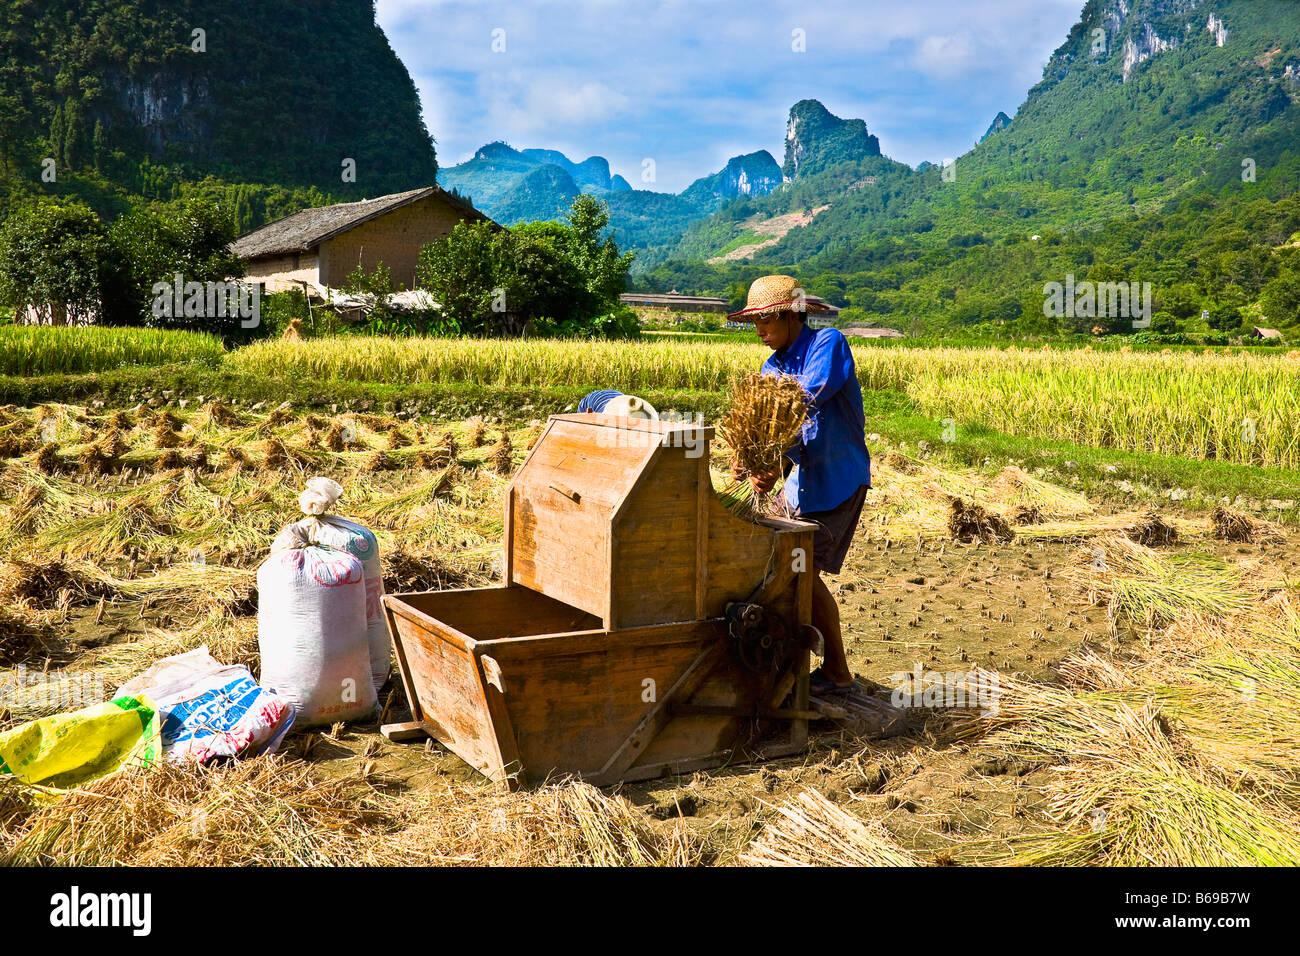 Farmer working in a rice paddy field, Xingping, Yangshuo, Guangxi Province, China Stock Photo